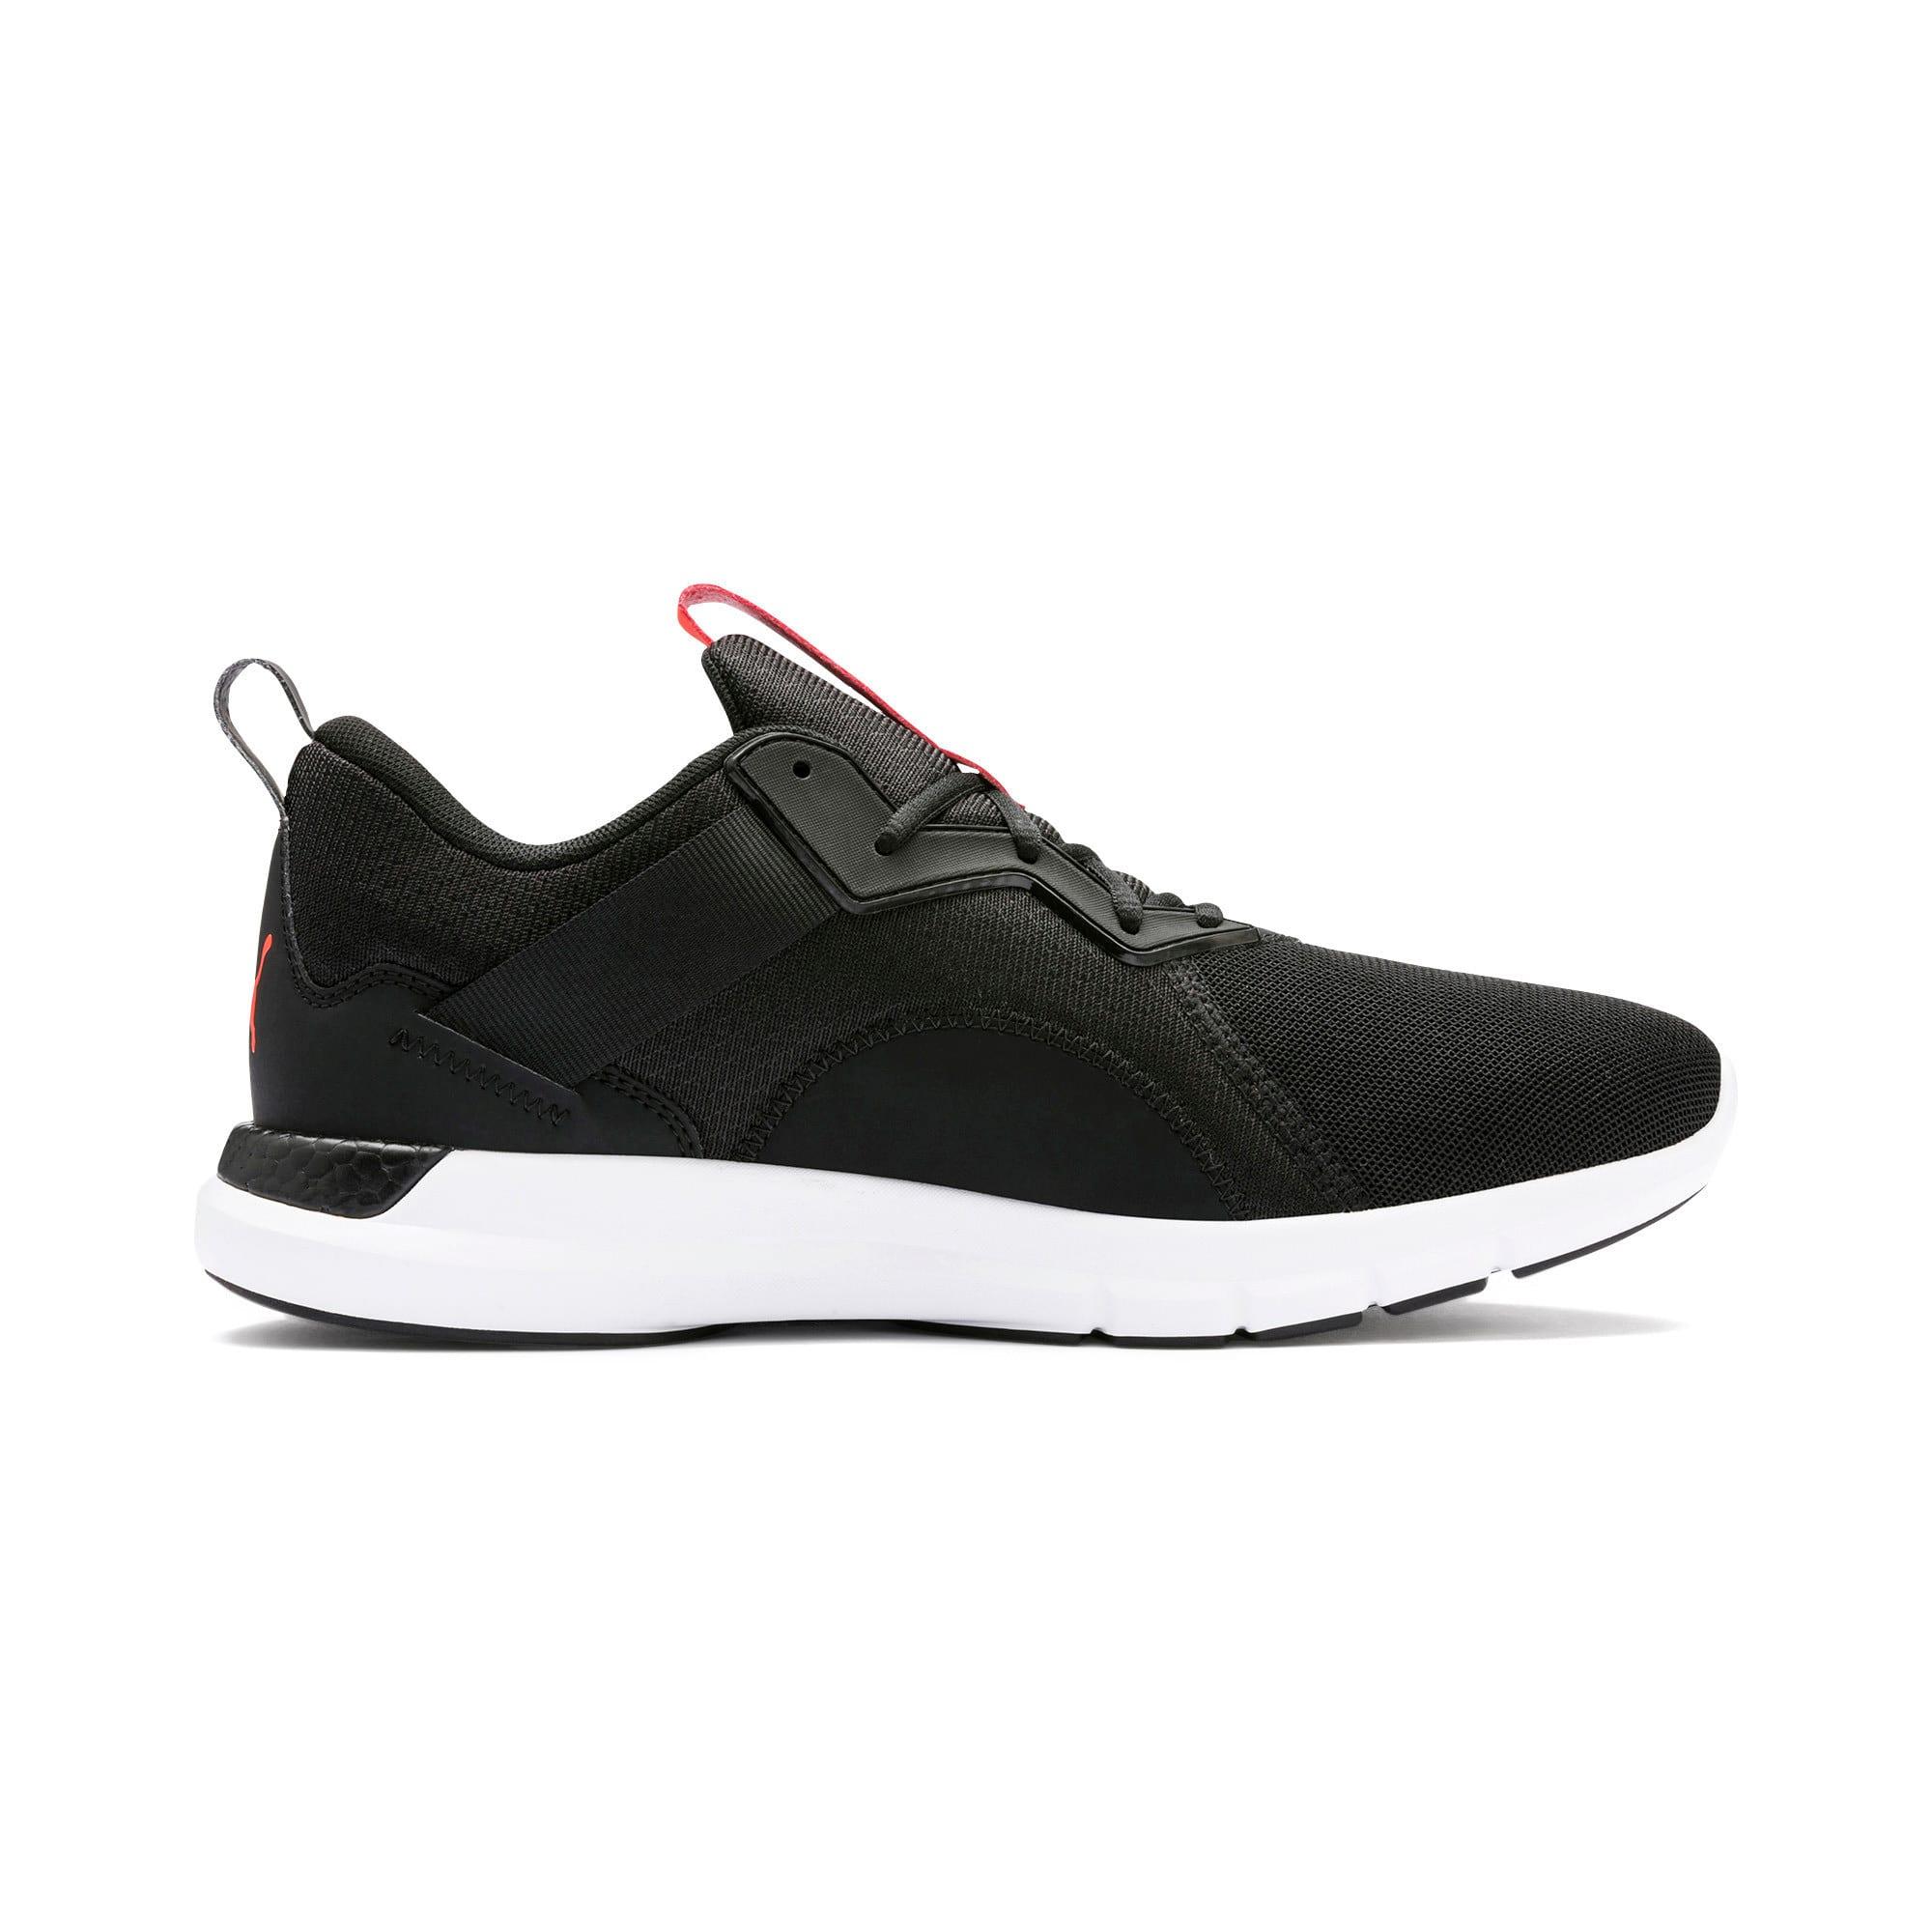 Miniatura 6 de Zapatos para correr NRGY Dynamo Futuro para hombre, Puma Black-Nrgy Red, mediano